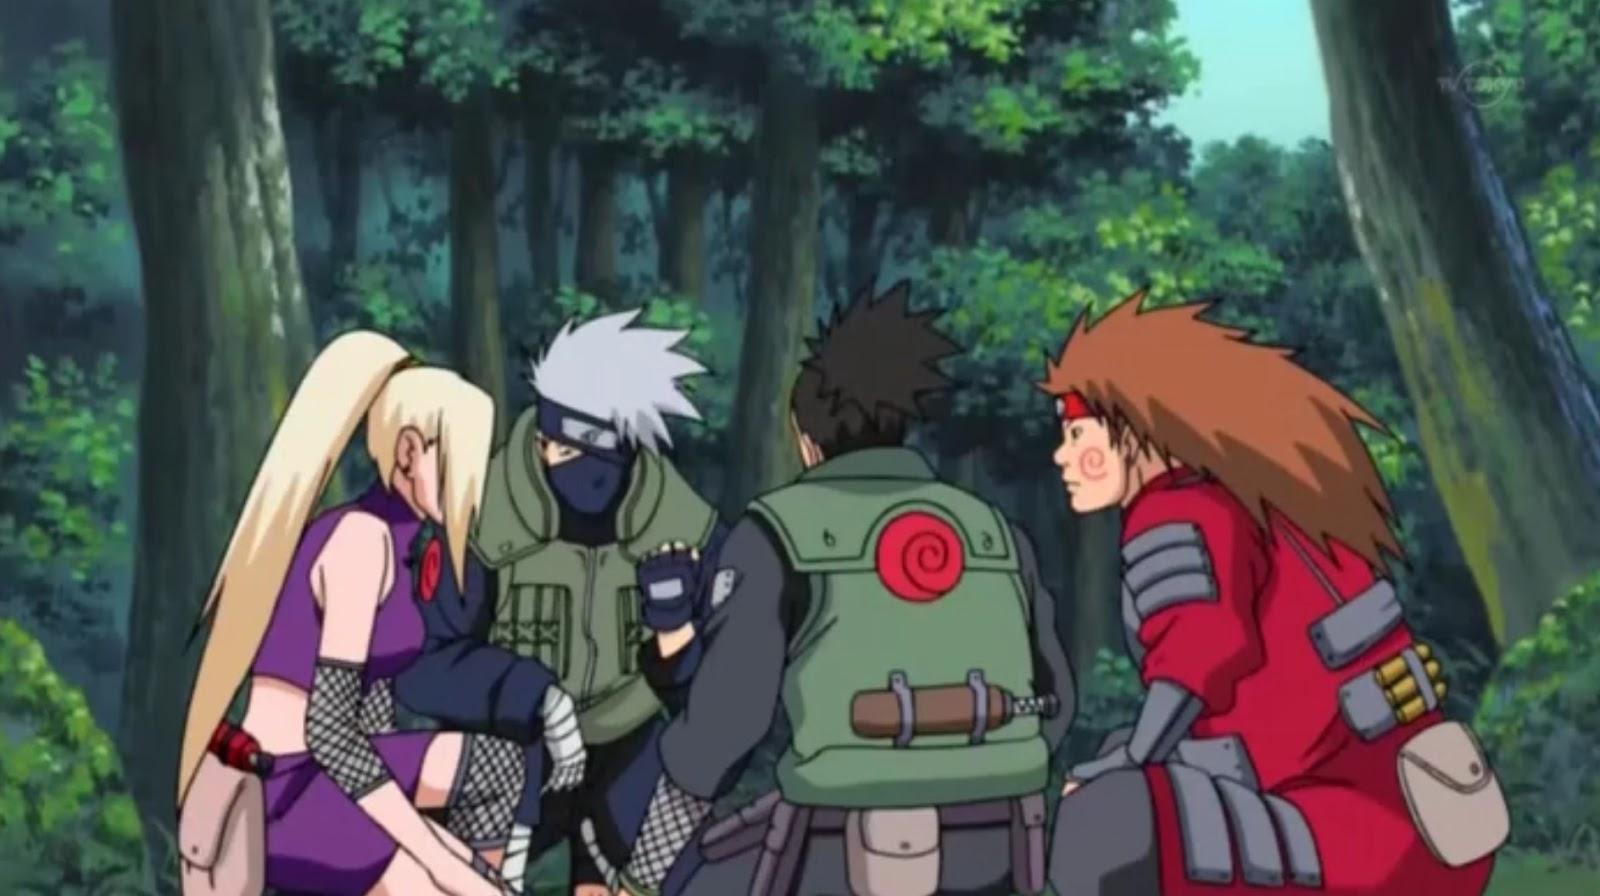 Naruto Shippuden Episódio 83, Assistir Naruto Shippuden Episódio 83, Assistir Naruto Shippuden Todos os Episódios Legendado, Naruto Shippuden episódio 83,HD